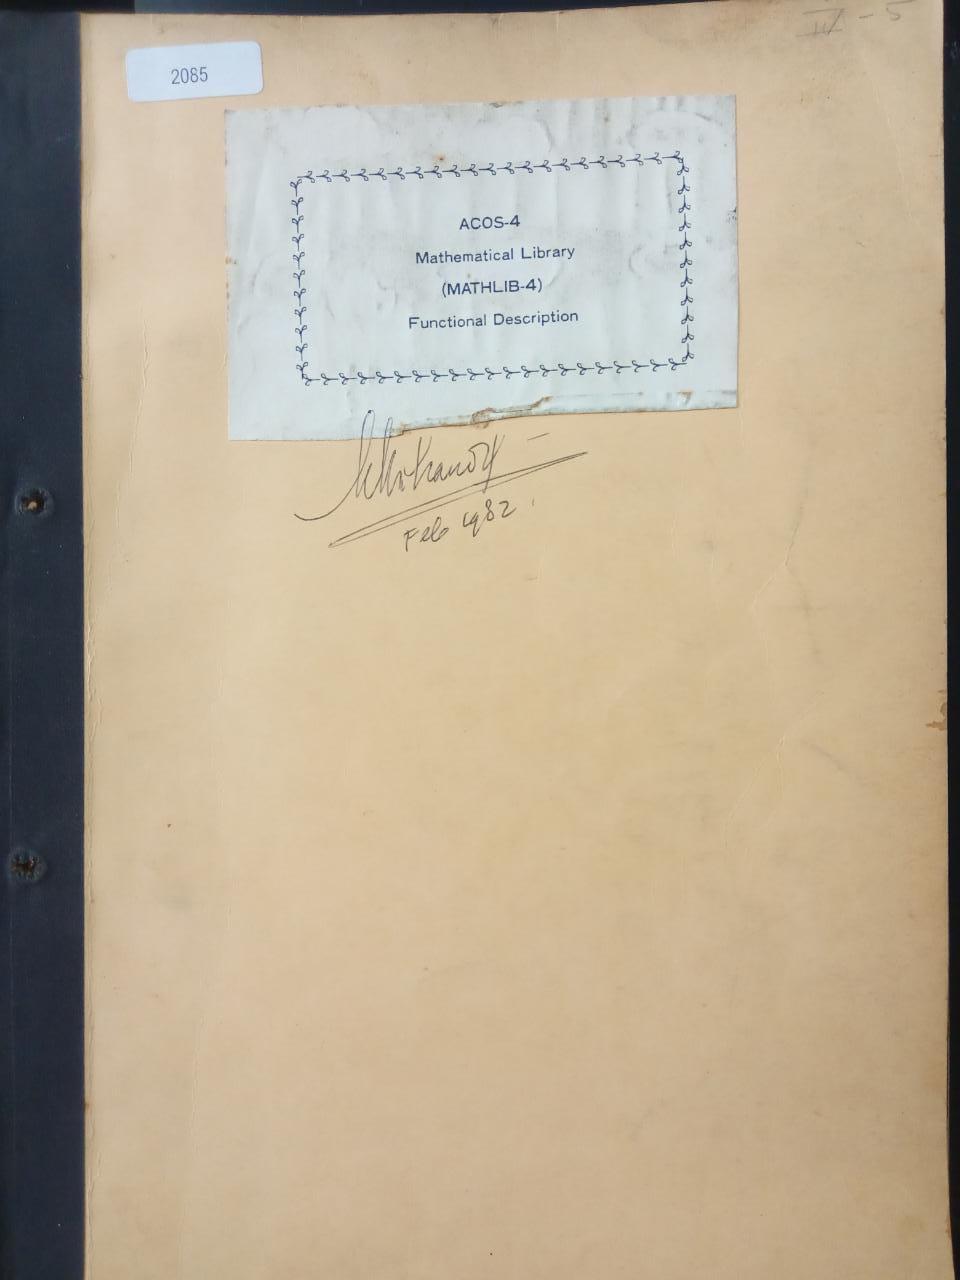 MATHEMATICAL LIBRARY FUNCTIONAL DESCRIPTION